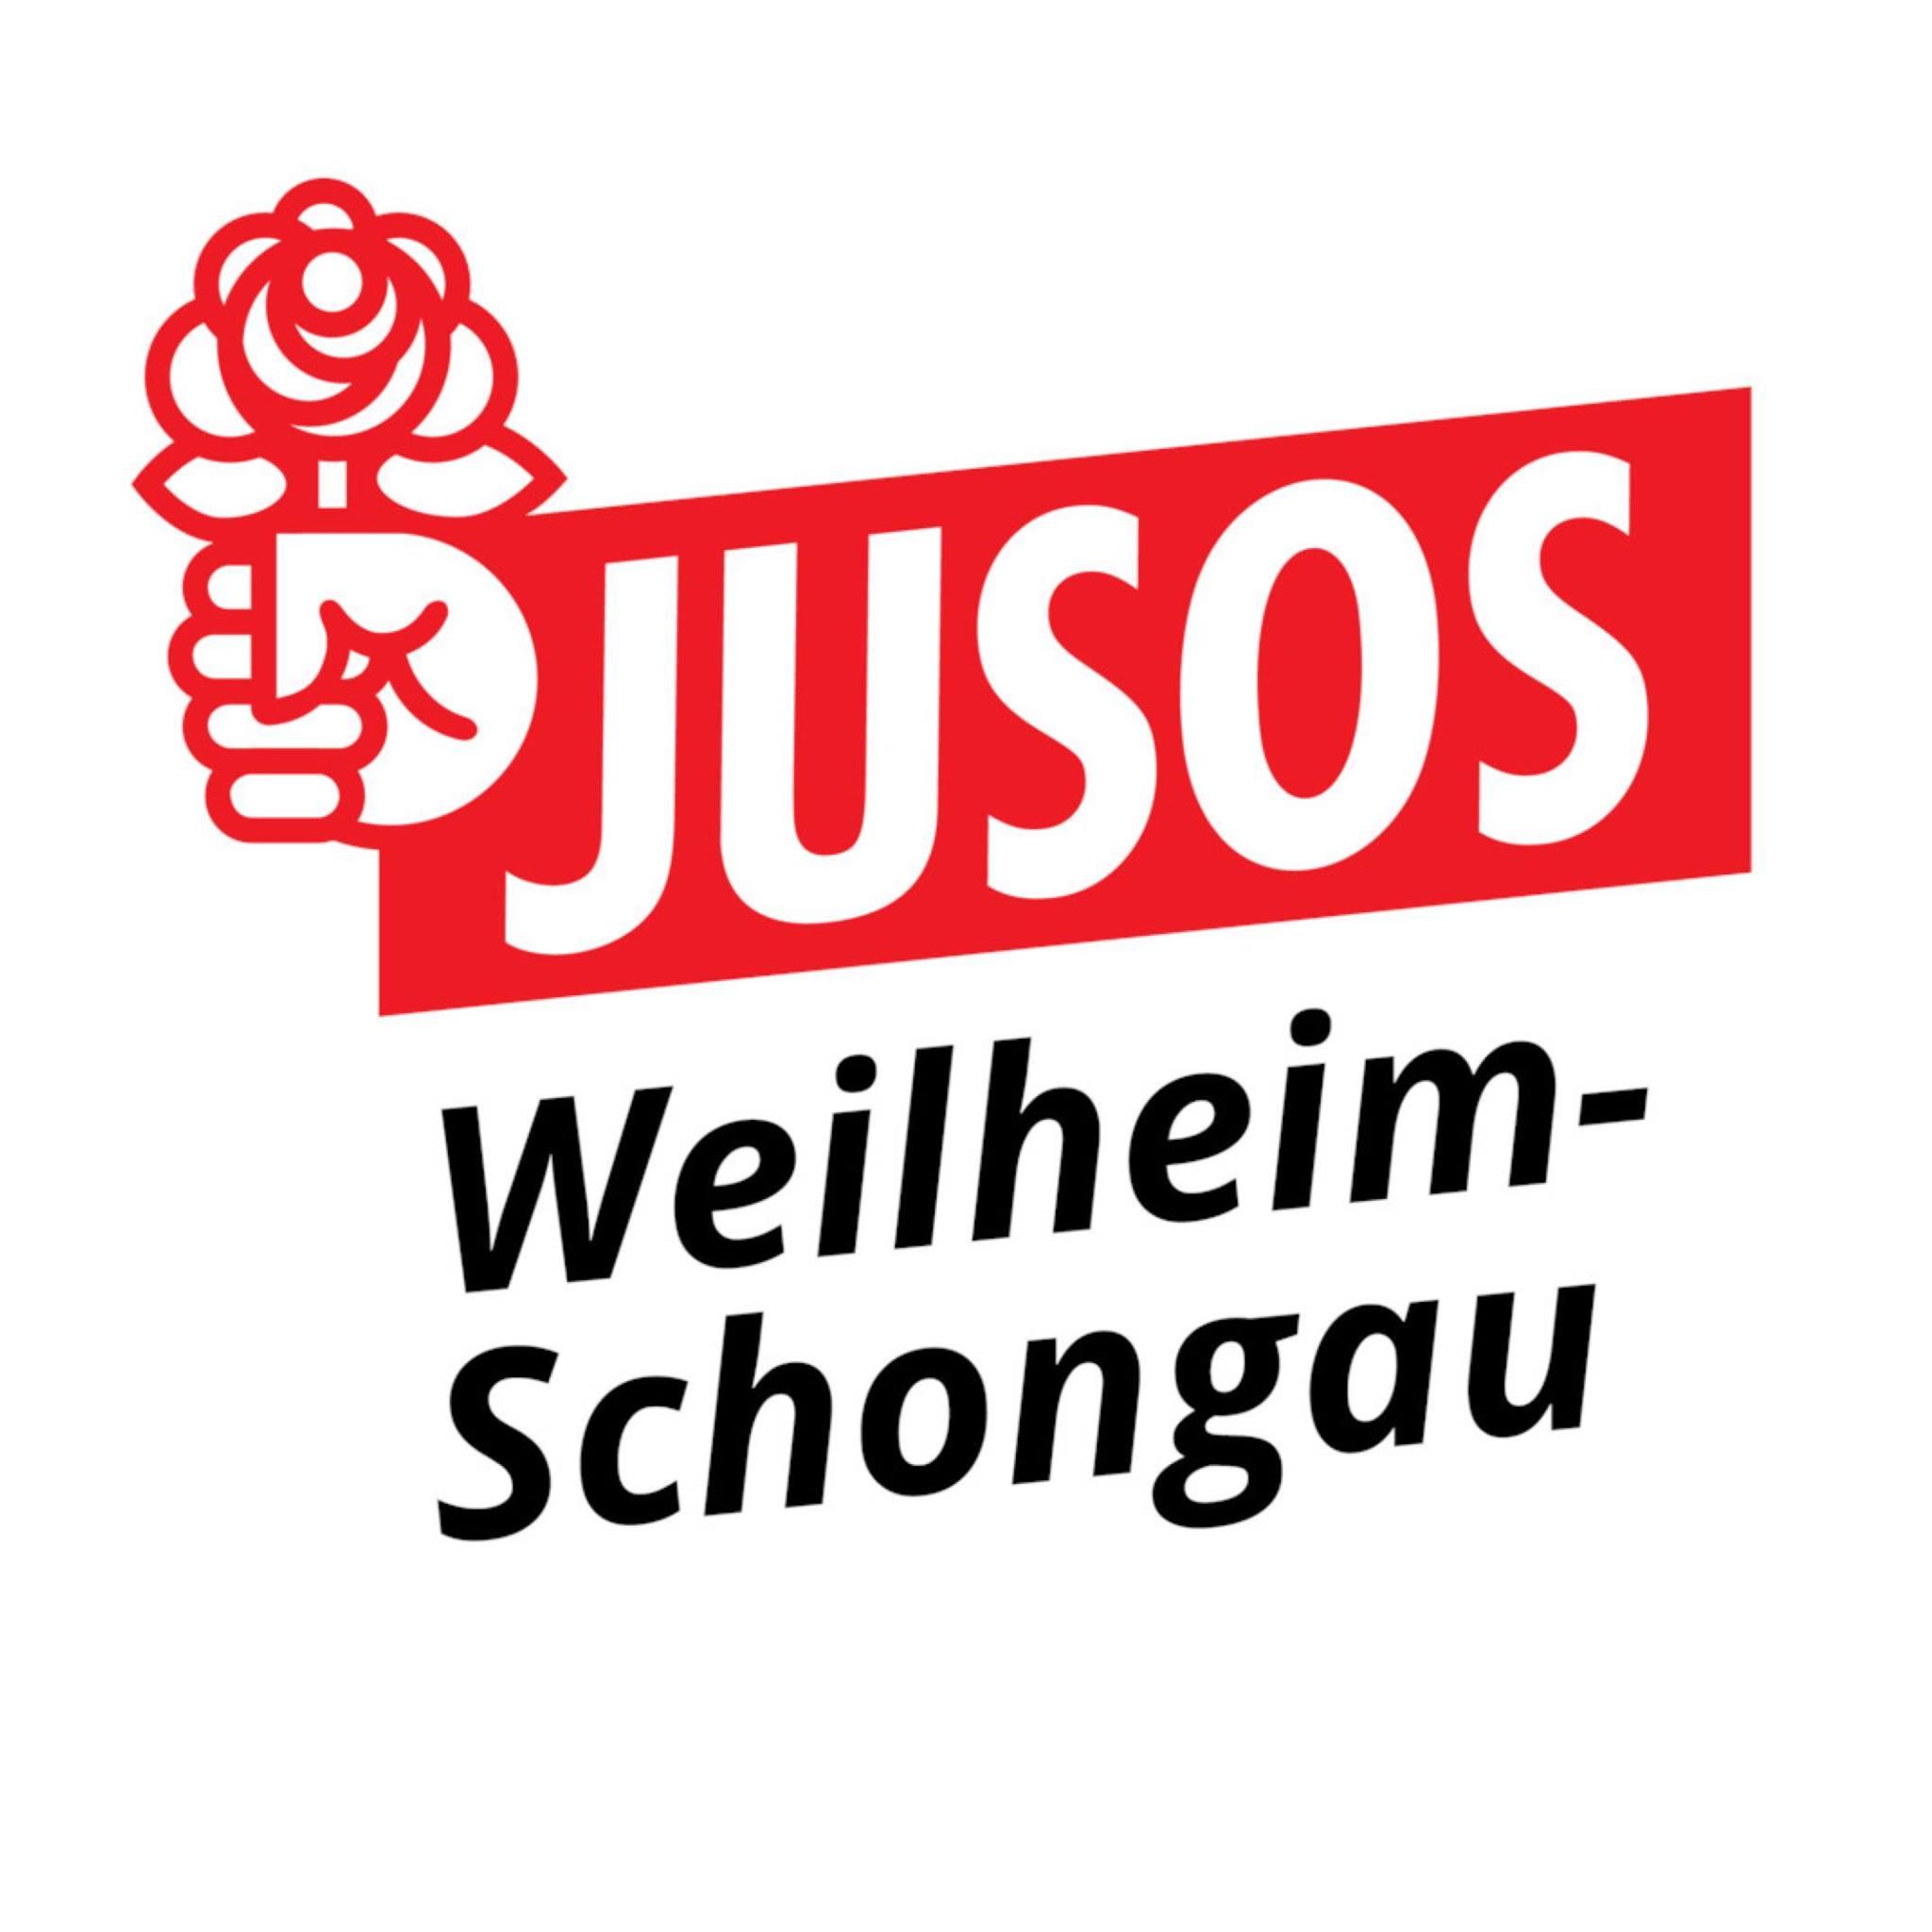 Jusos Weilheim-Schongau